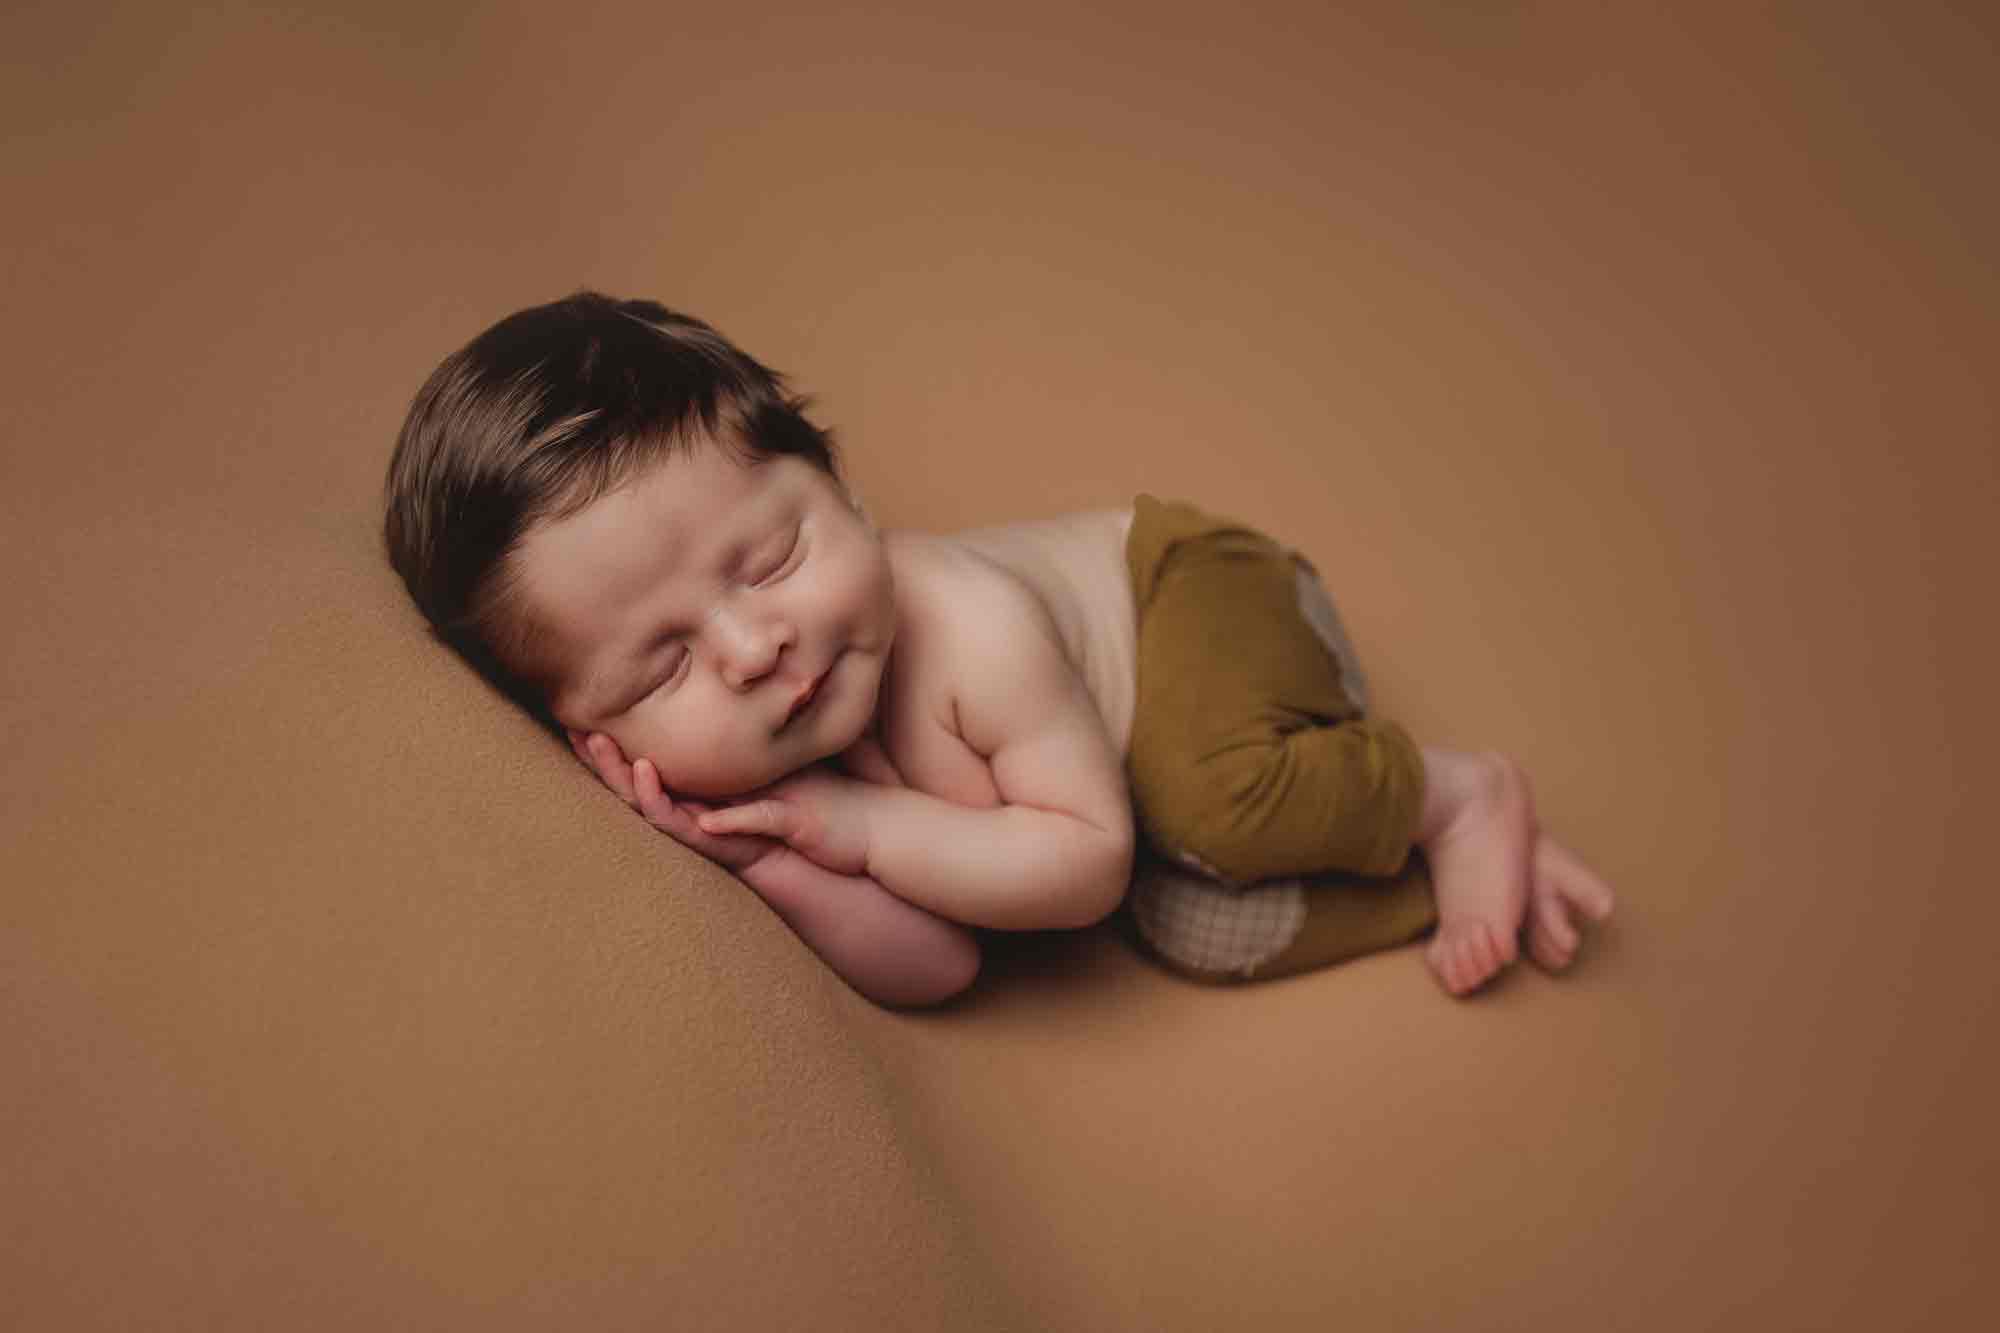 sergio-moreno-fabrica-de-suenos--cursos-de-fotografia-de-recien-nacidos-newborns-fotofest10